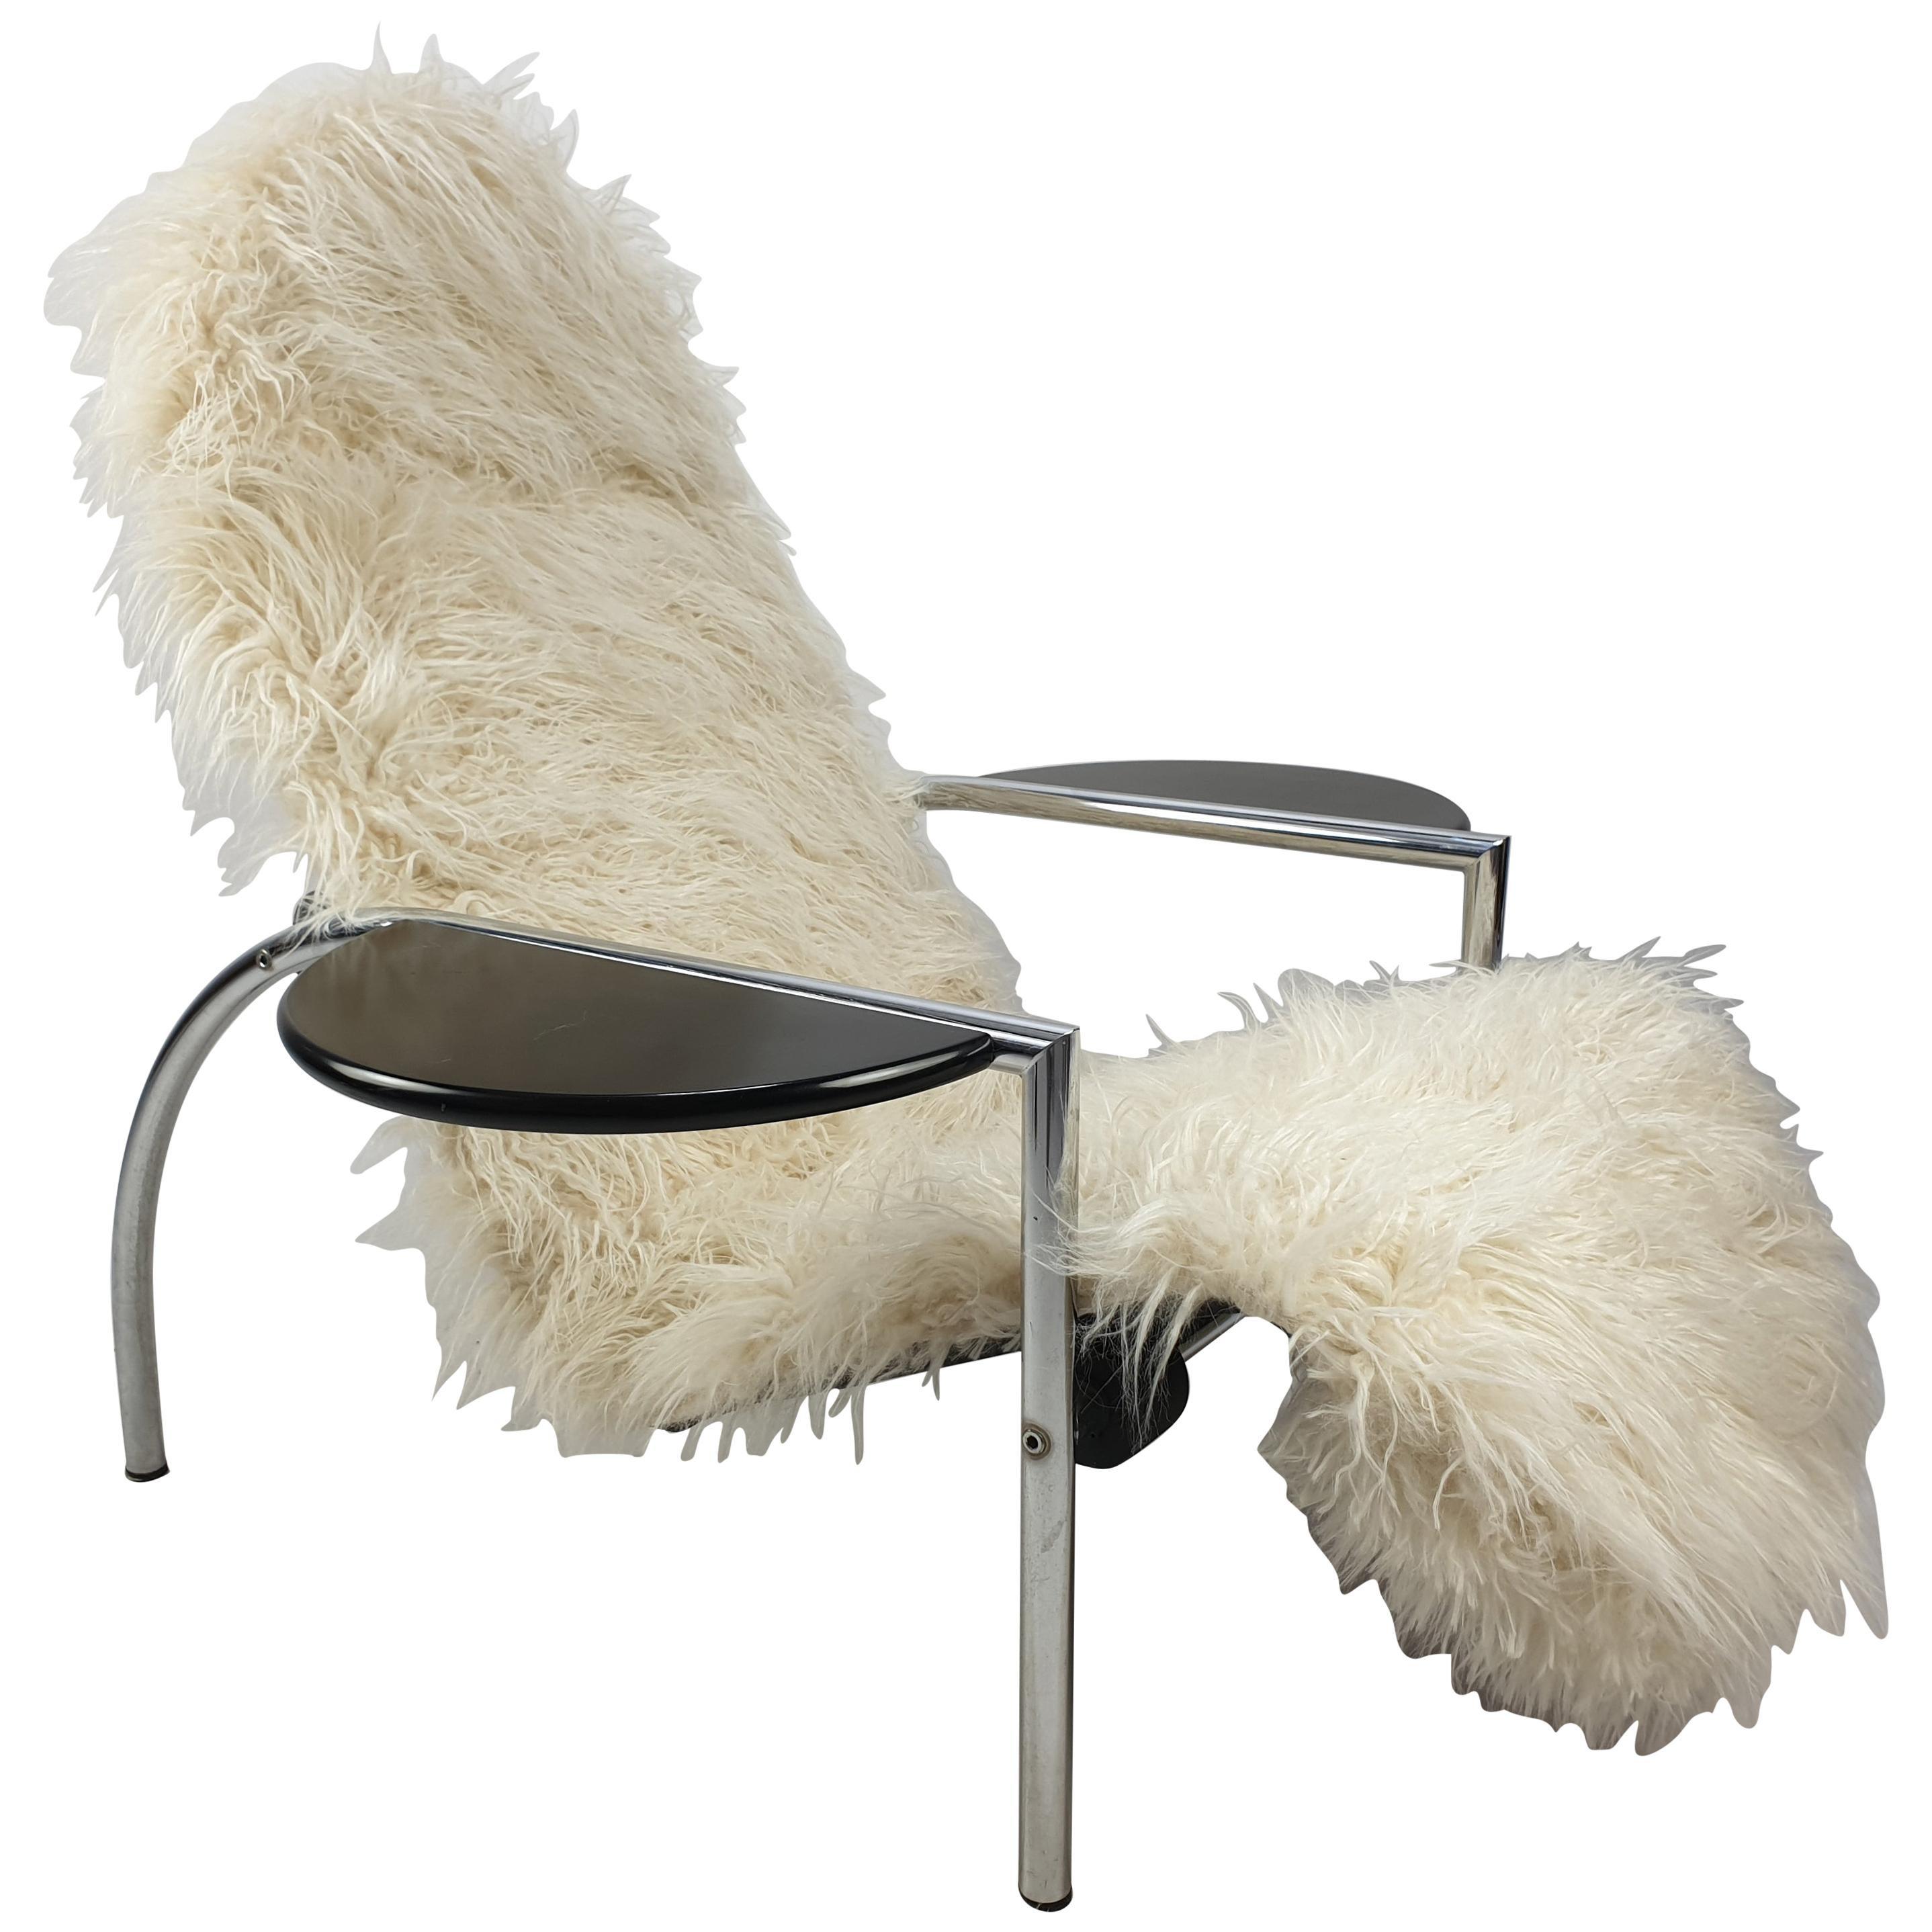 Moroso Lounge Chairs